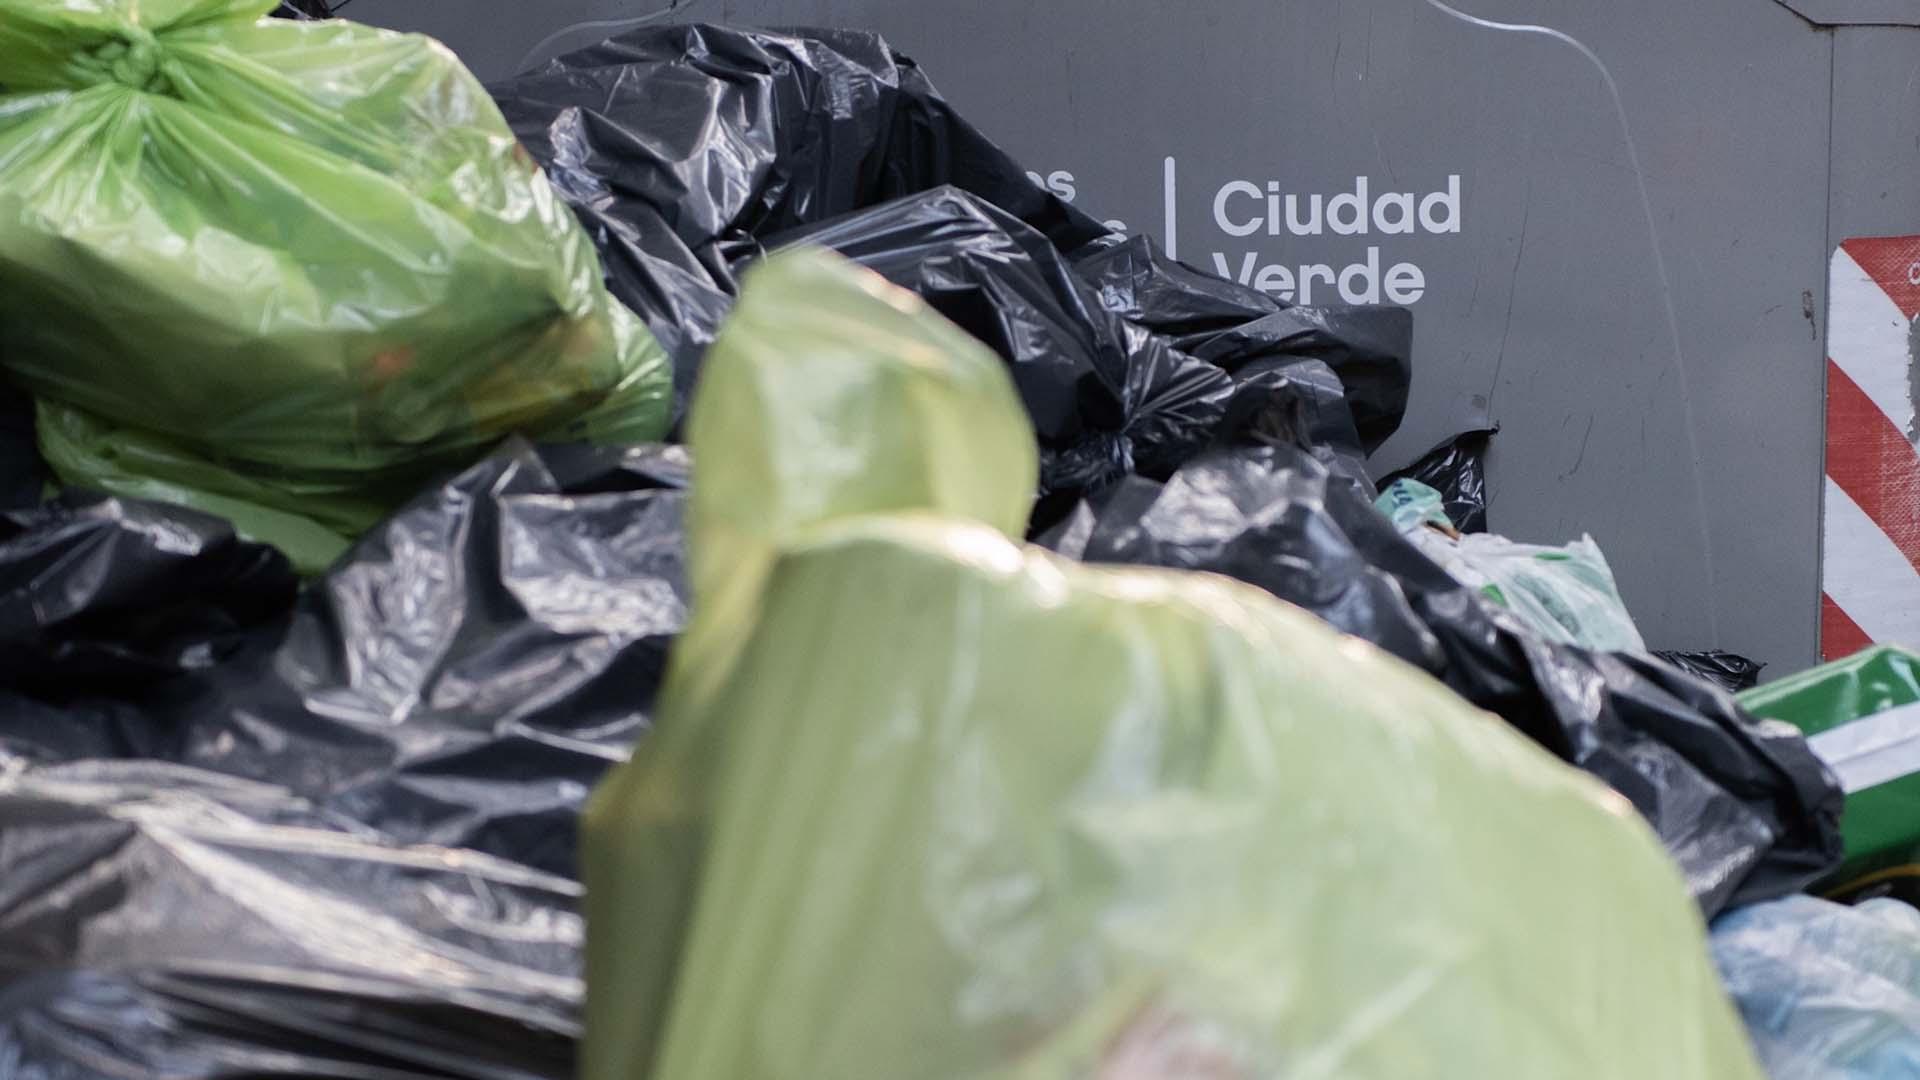 Se registró abundante acumulación de basura en barrios como Flores, el centro porteño, Recoleta, Colegiales y Belgrano.